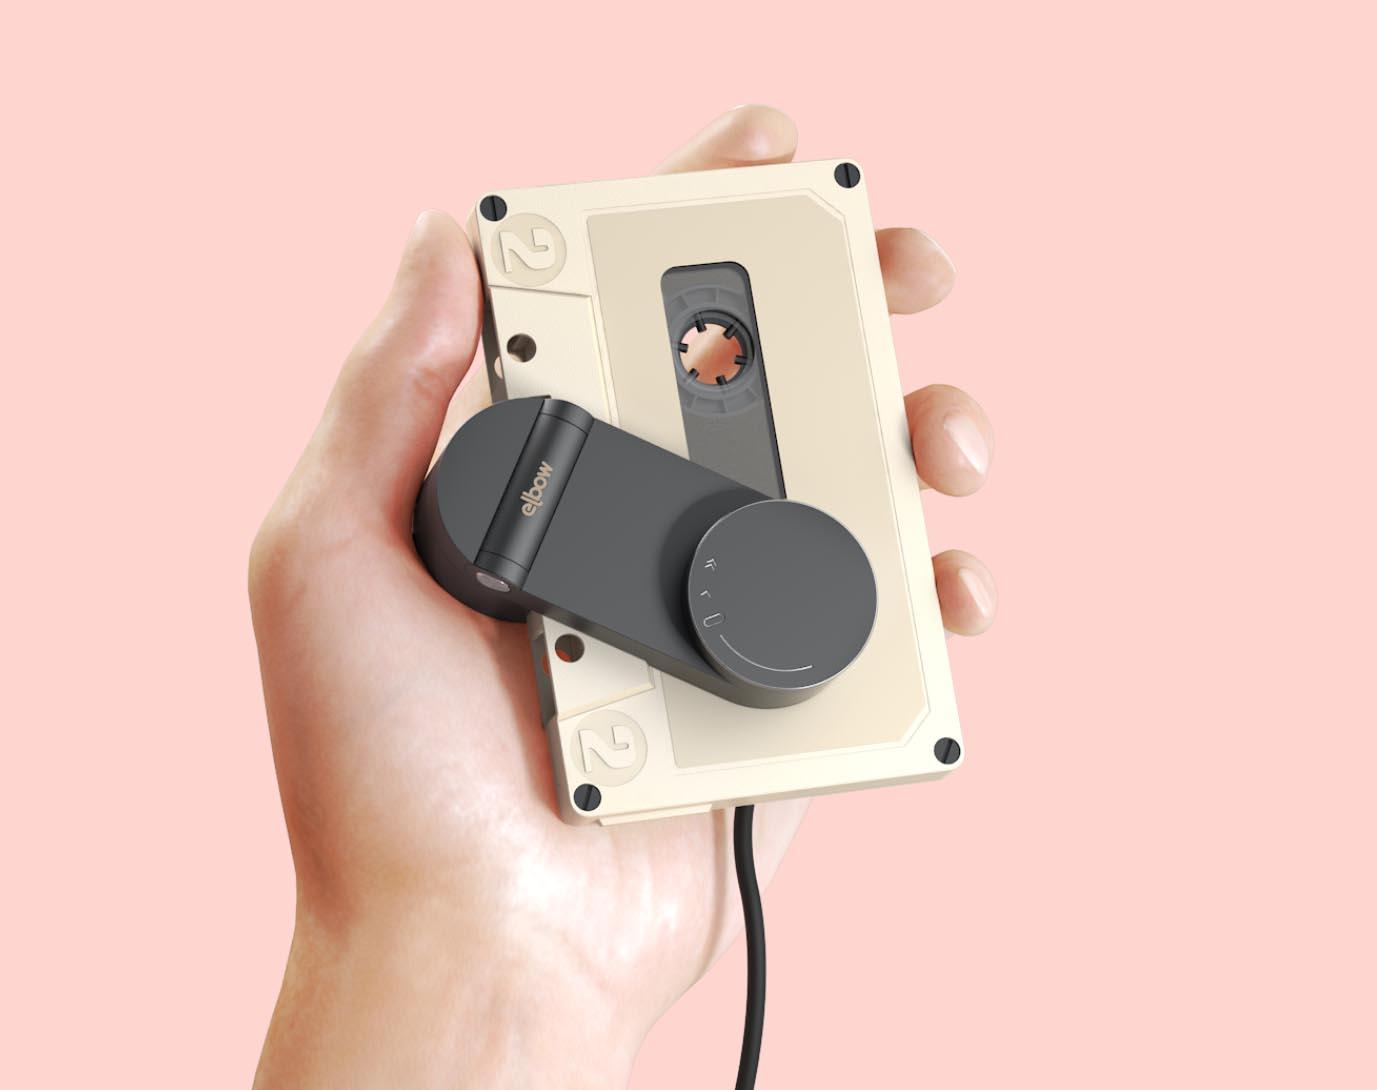 Elbow el reproductor de cintas que viene del futuro